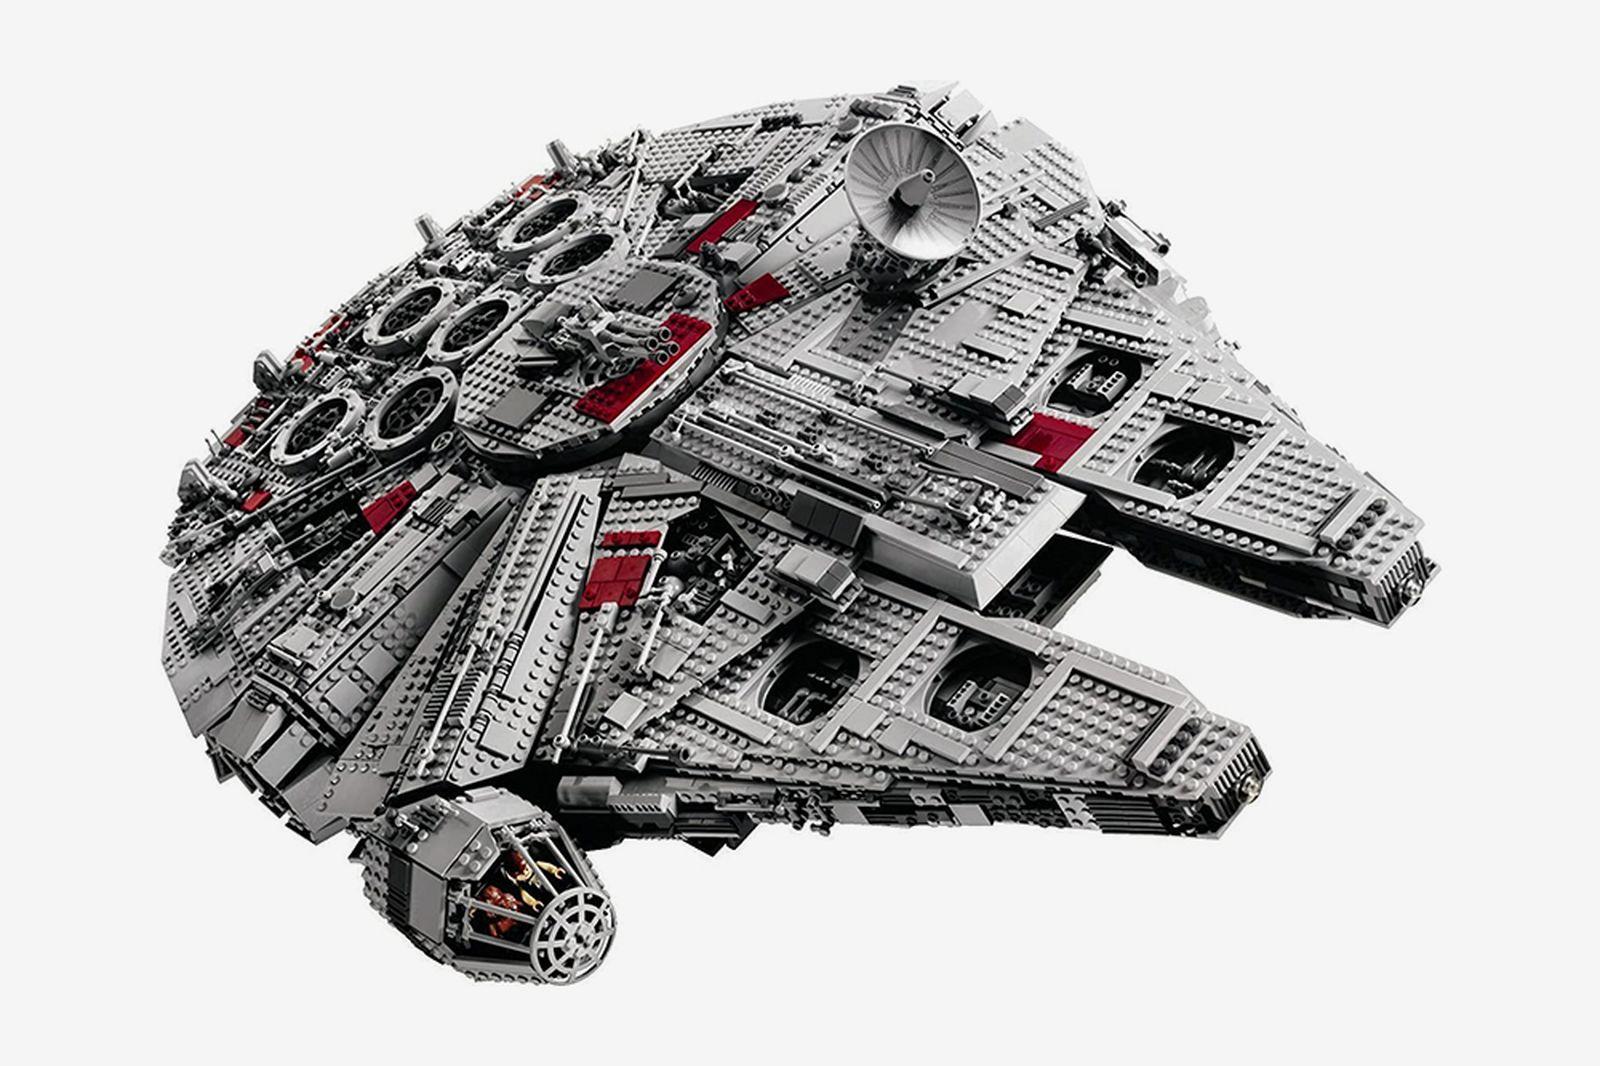 biggest-lego-sets-04